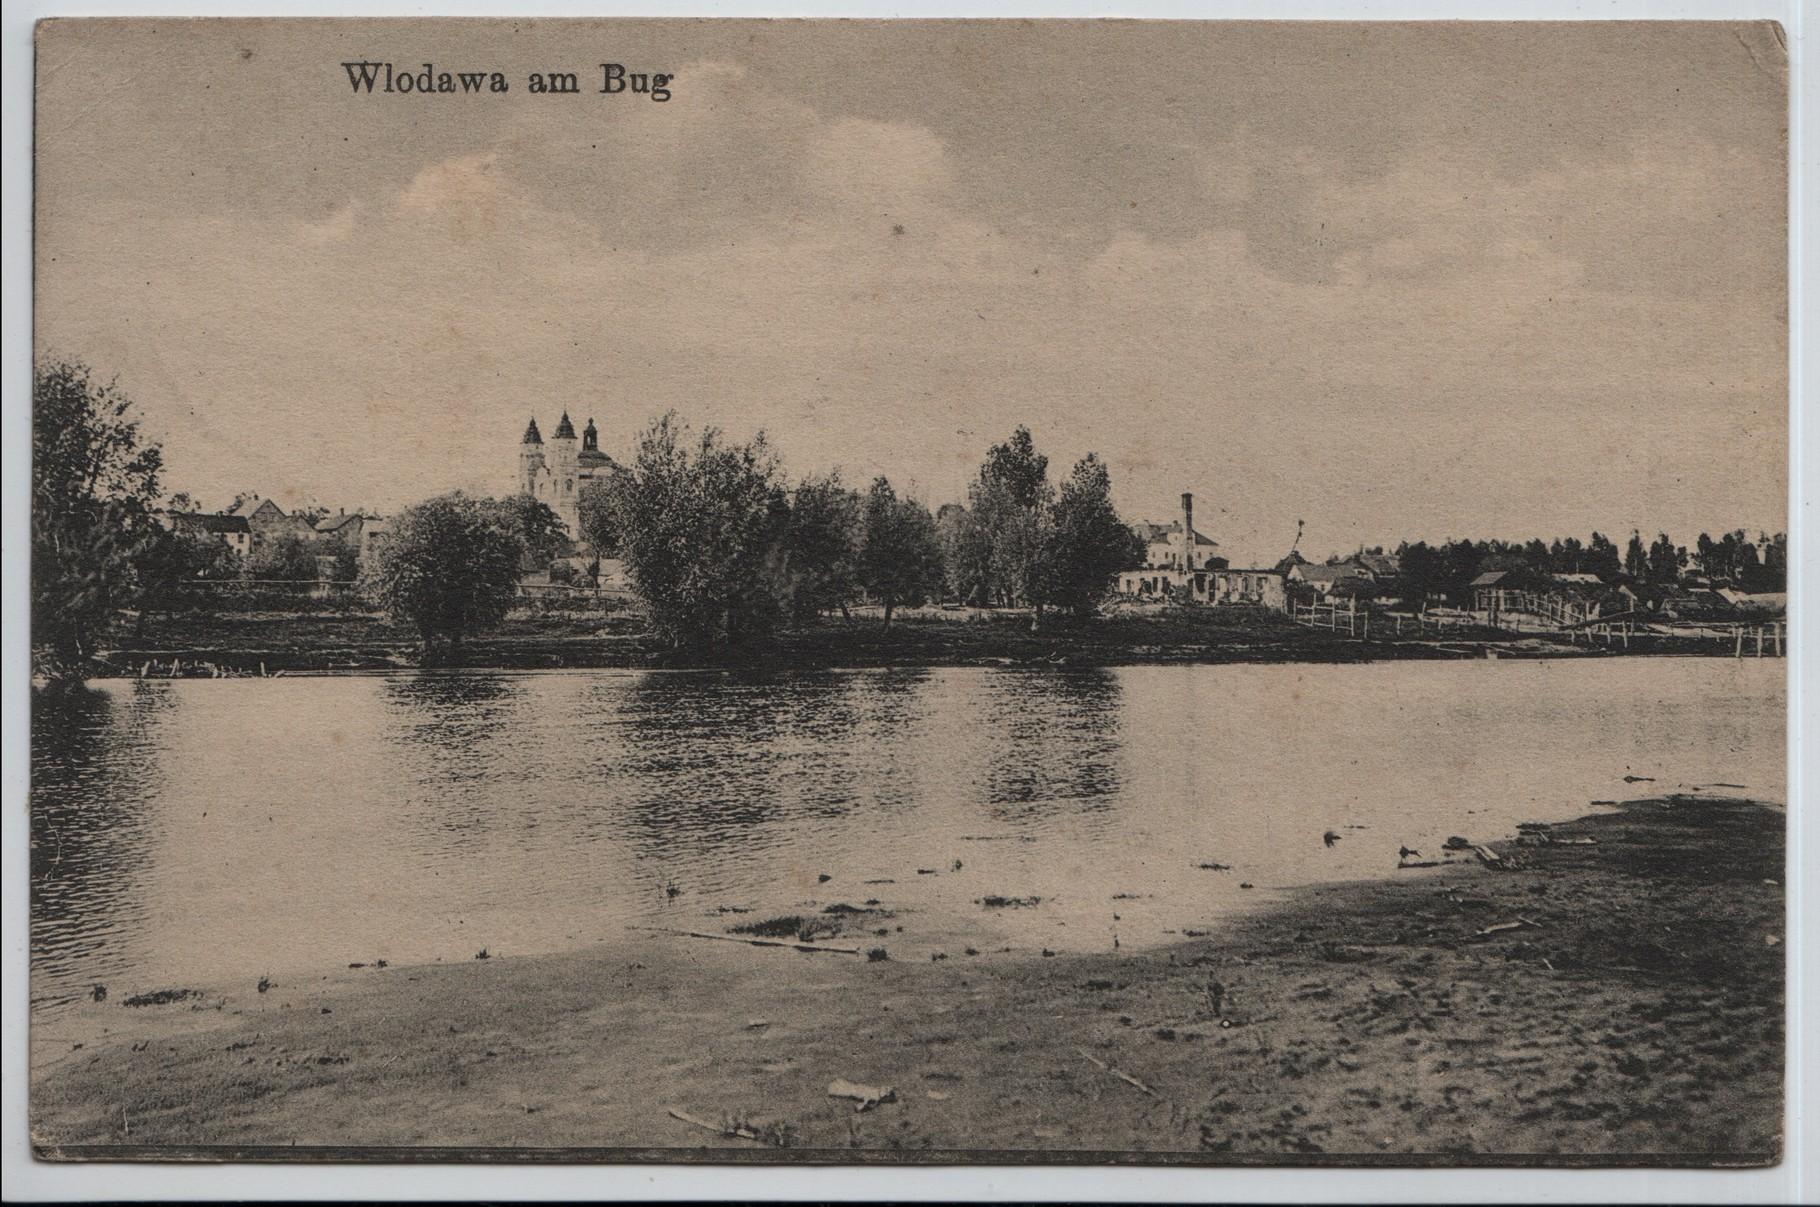 4. Wlodawa on the river Bug